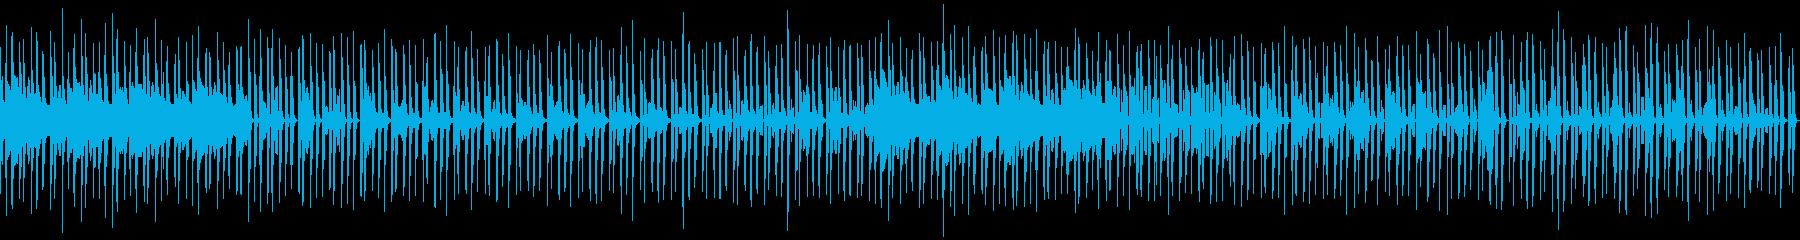 のんびりした雰囲気 トークのBGMにの再生済みの波形